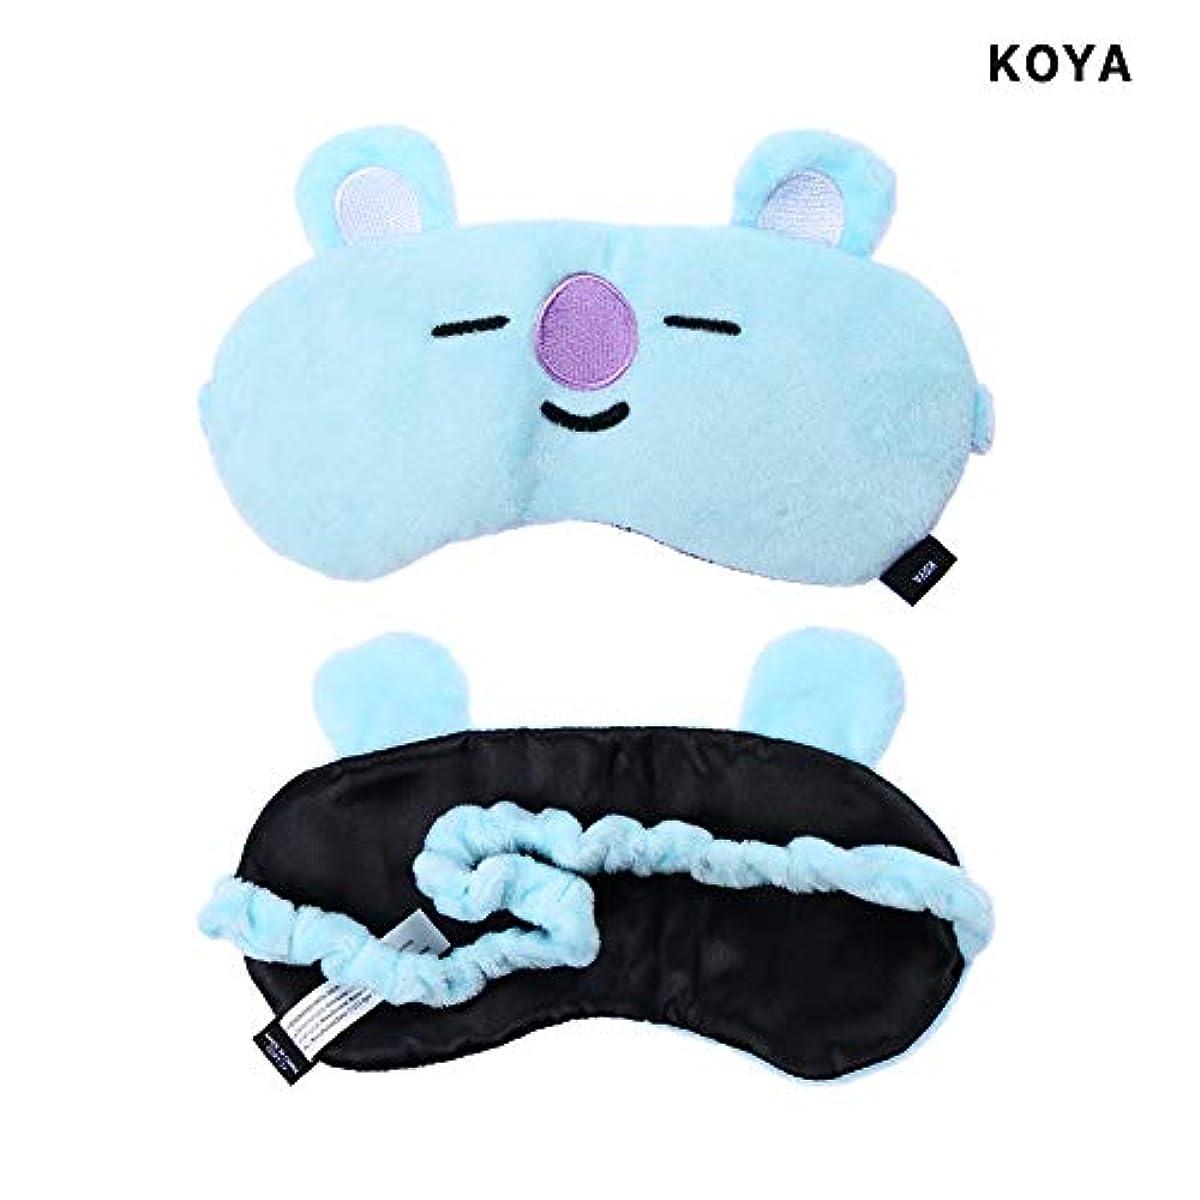 頂点下品デッキNOTE かわいいアイマスクK-POP BTSバンタンボーイズレストスリープマスクBT21スガタタチミーRJクッキーアイシェードアイマスクパッチ睡眠ケアツール